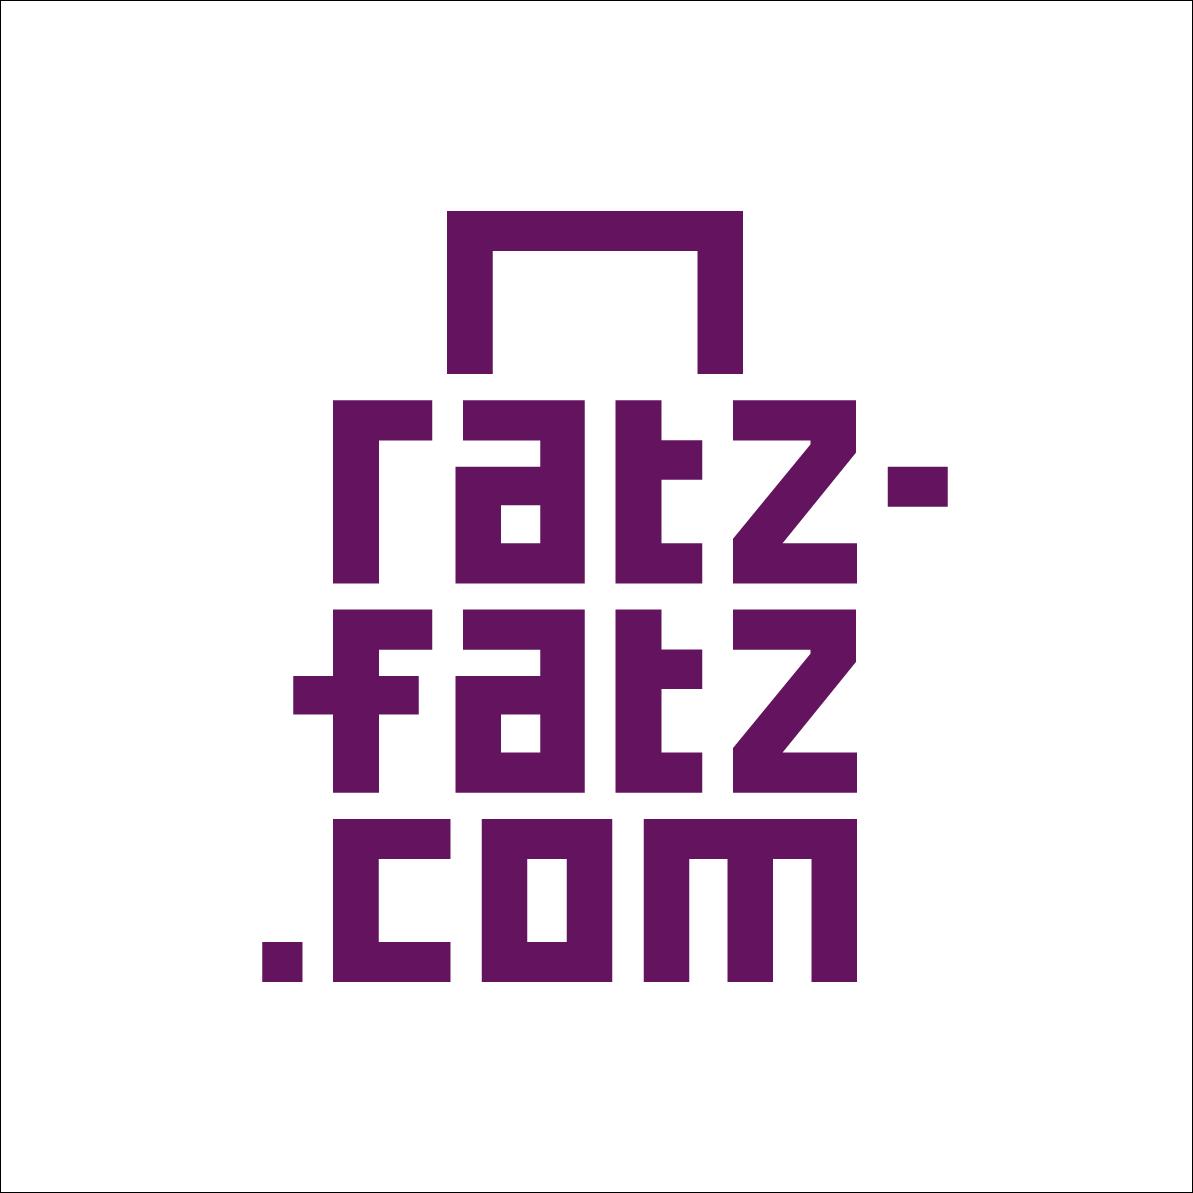 Logoentwicklung für Start Up